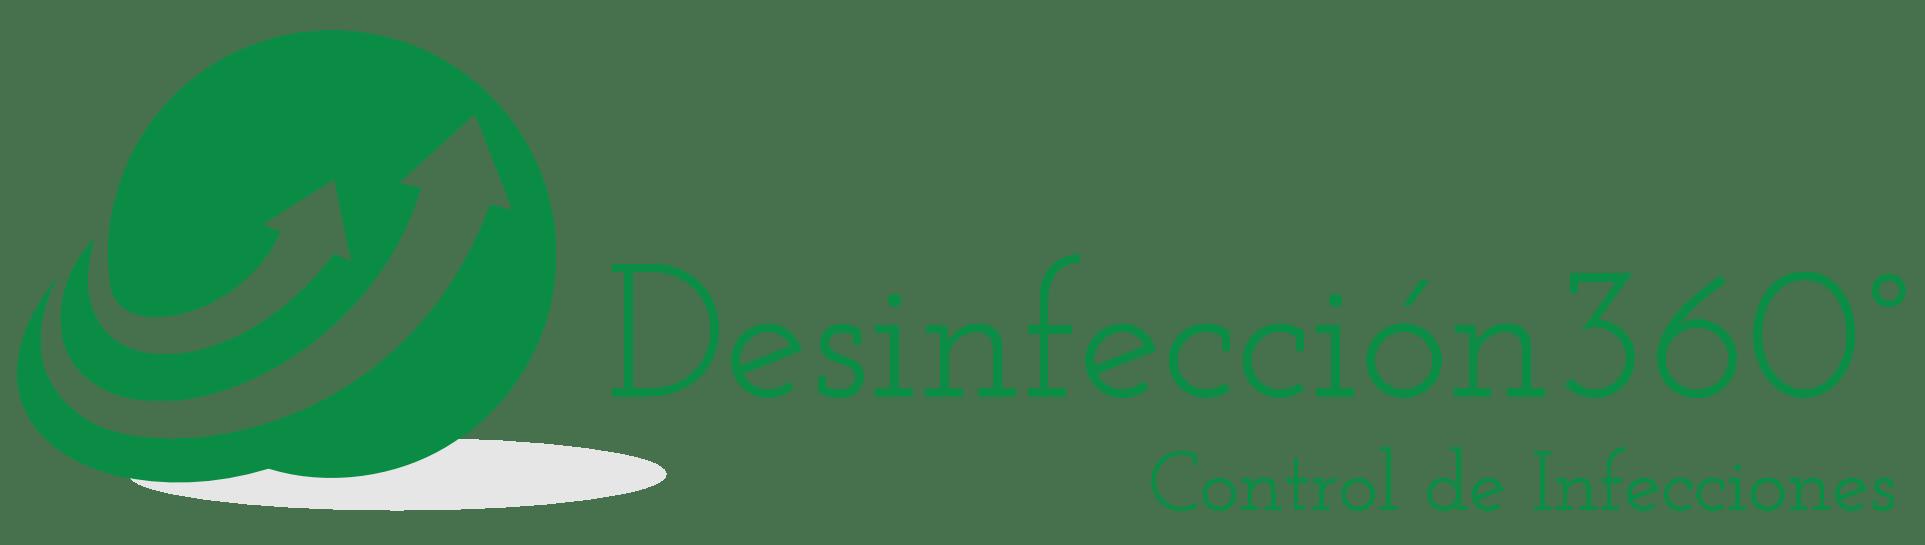 Desinfección360